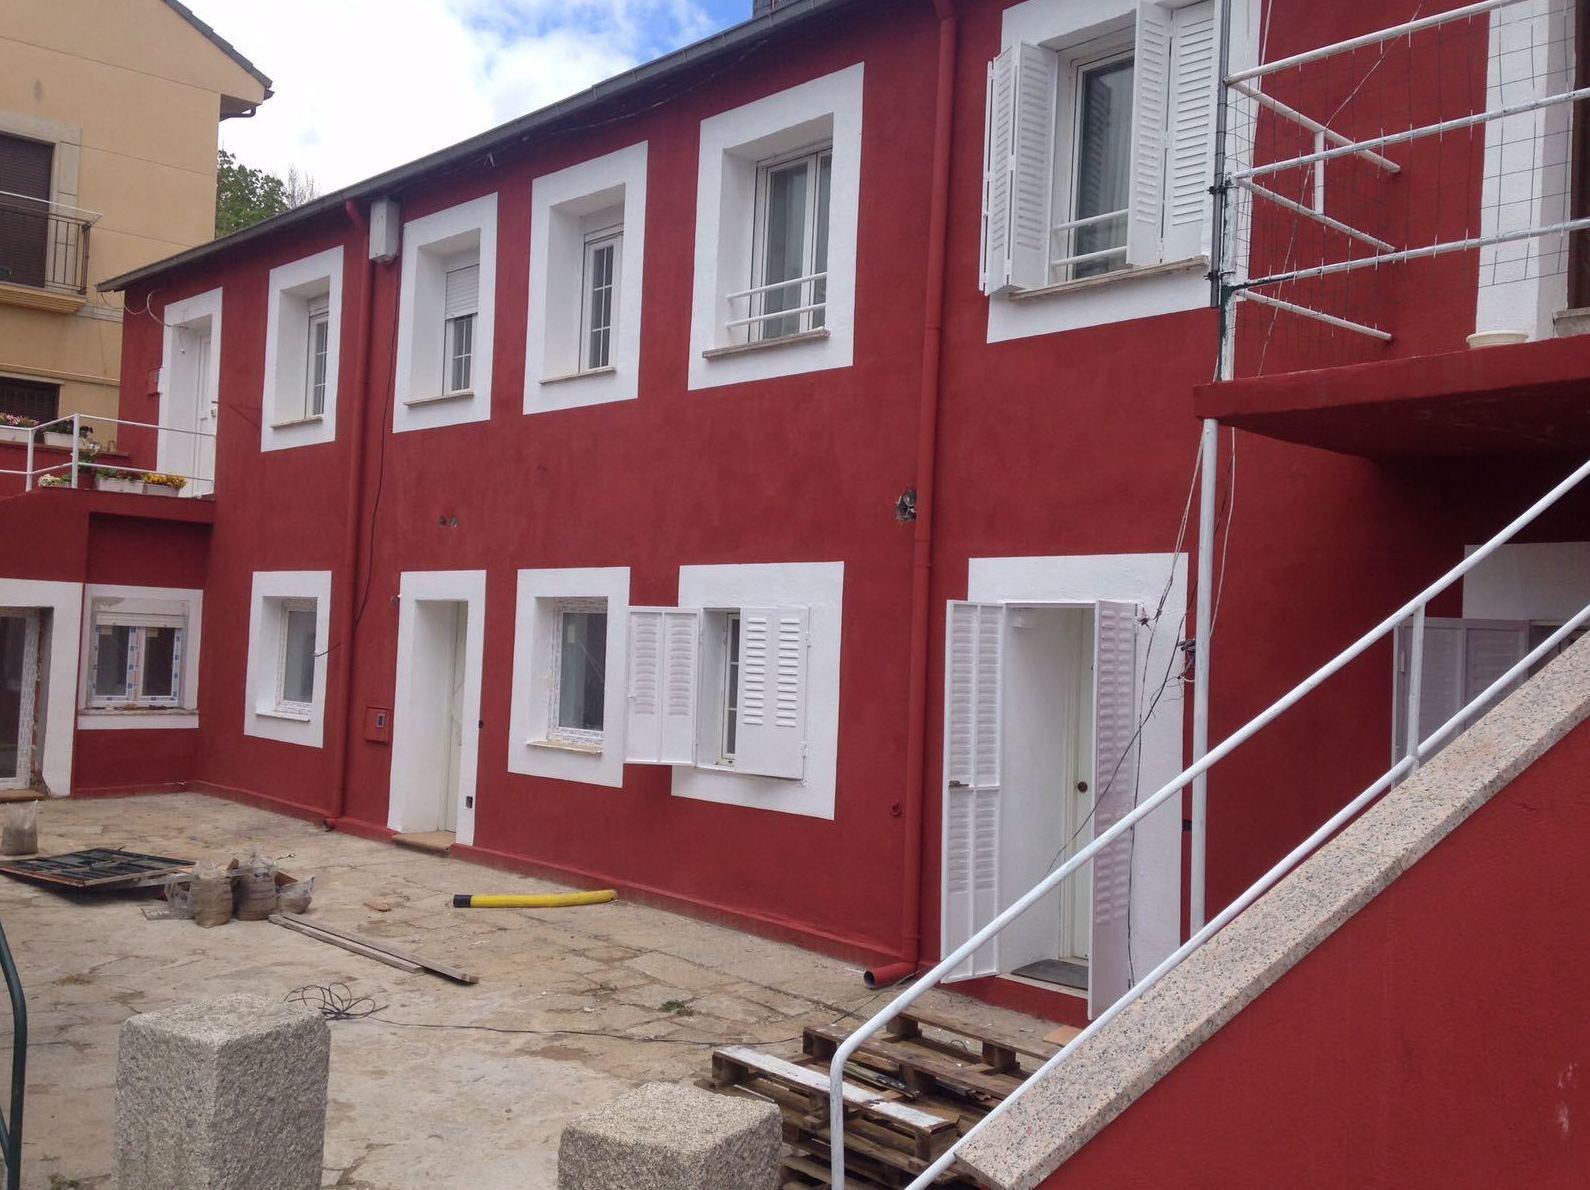 Pintores de fachadas San Lorenzo del Escorial